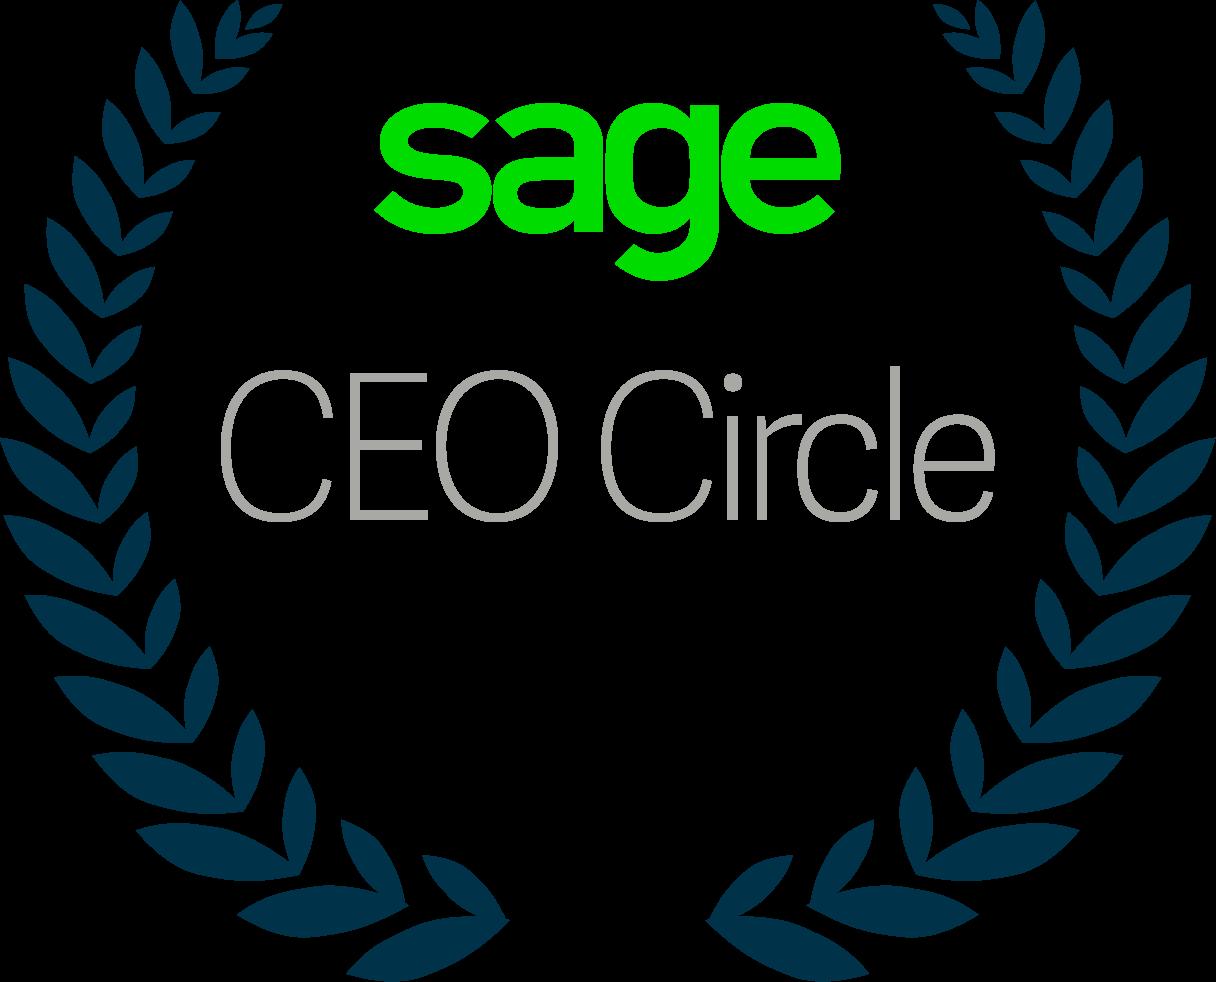 Sage CEO Circle Logo